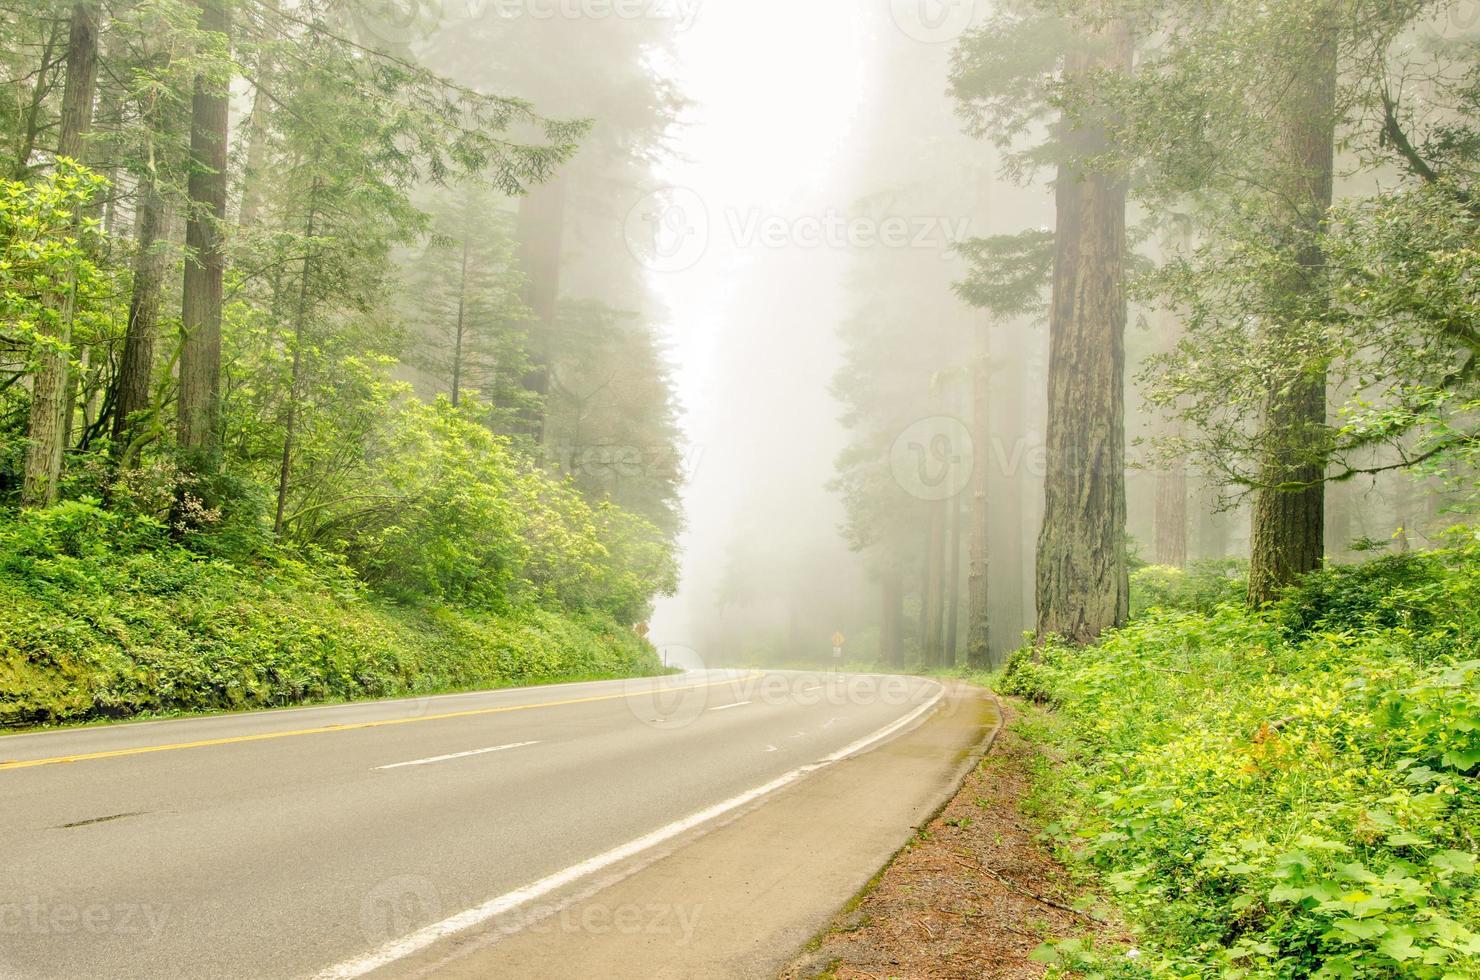 strada attraverso una foresta nebbiosa foto